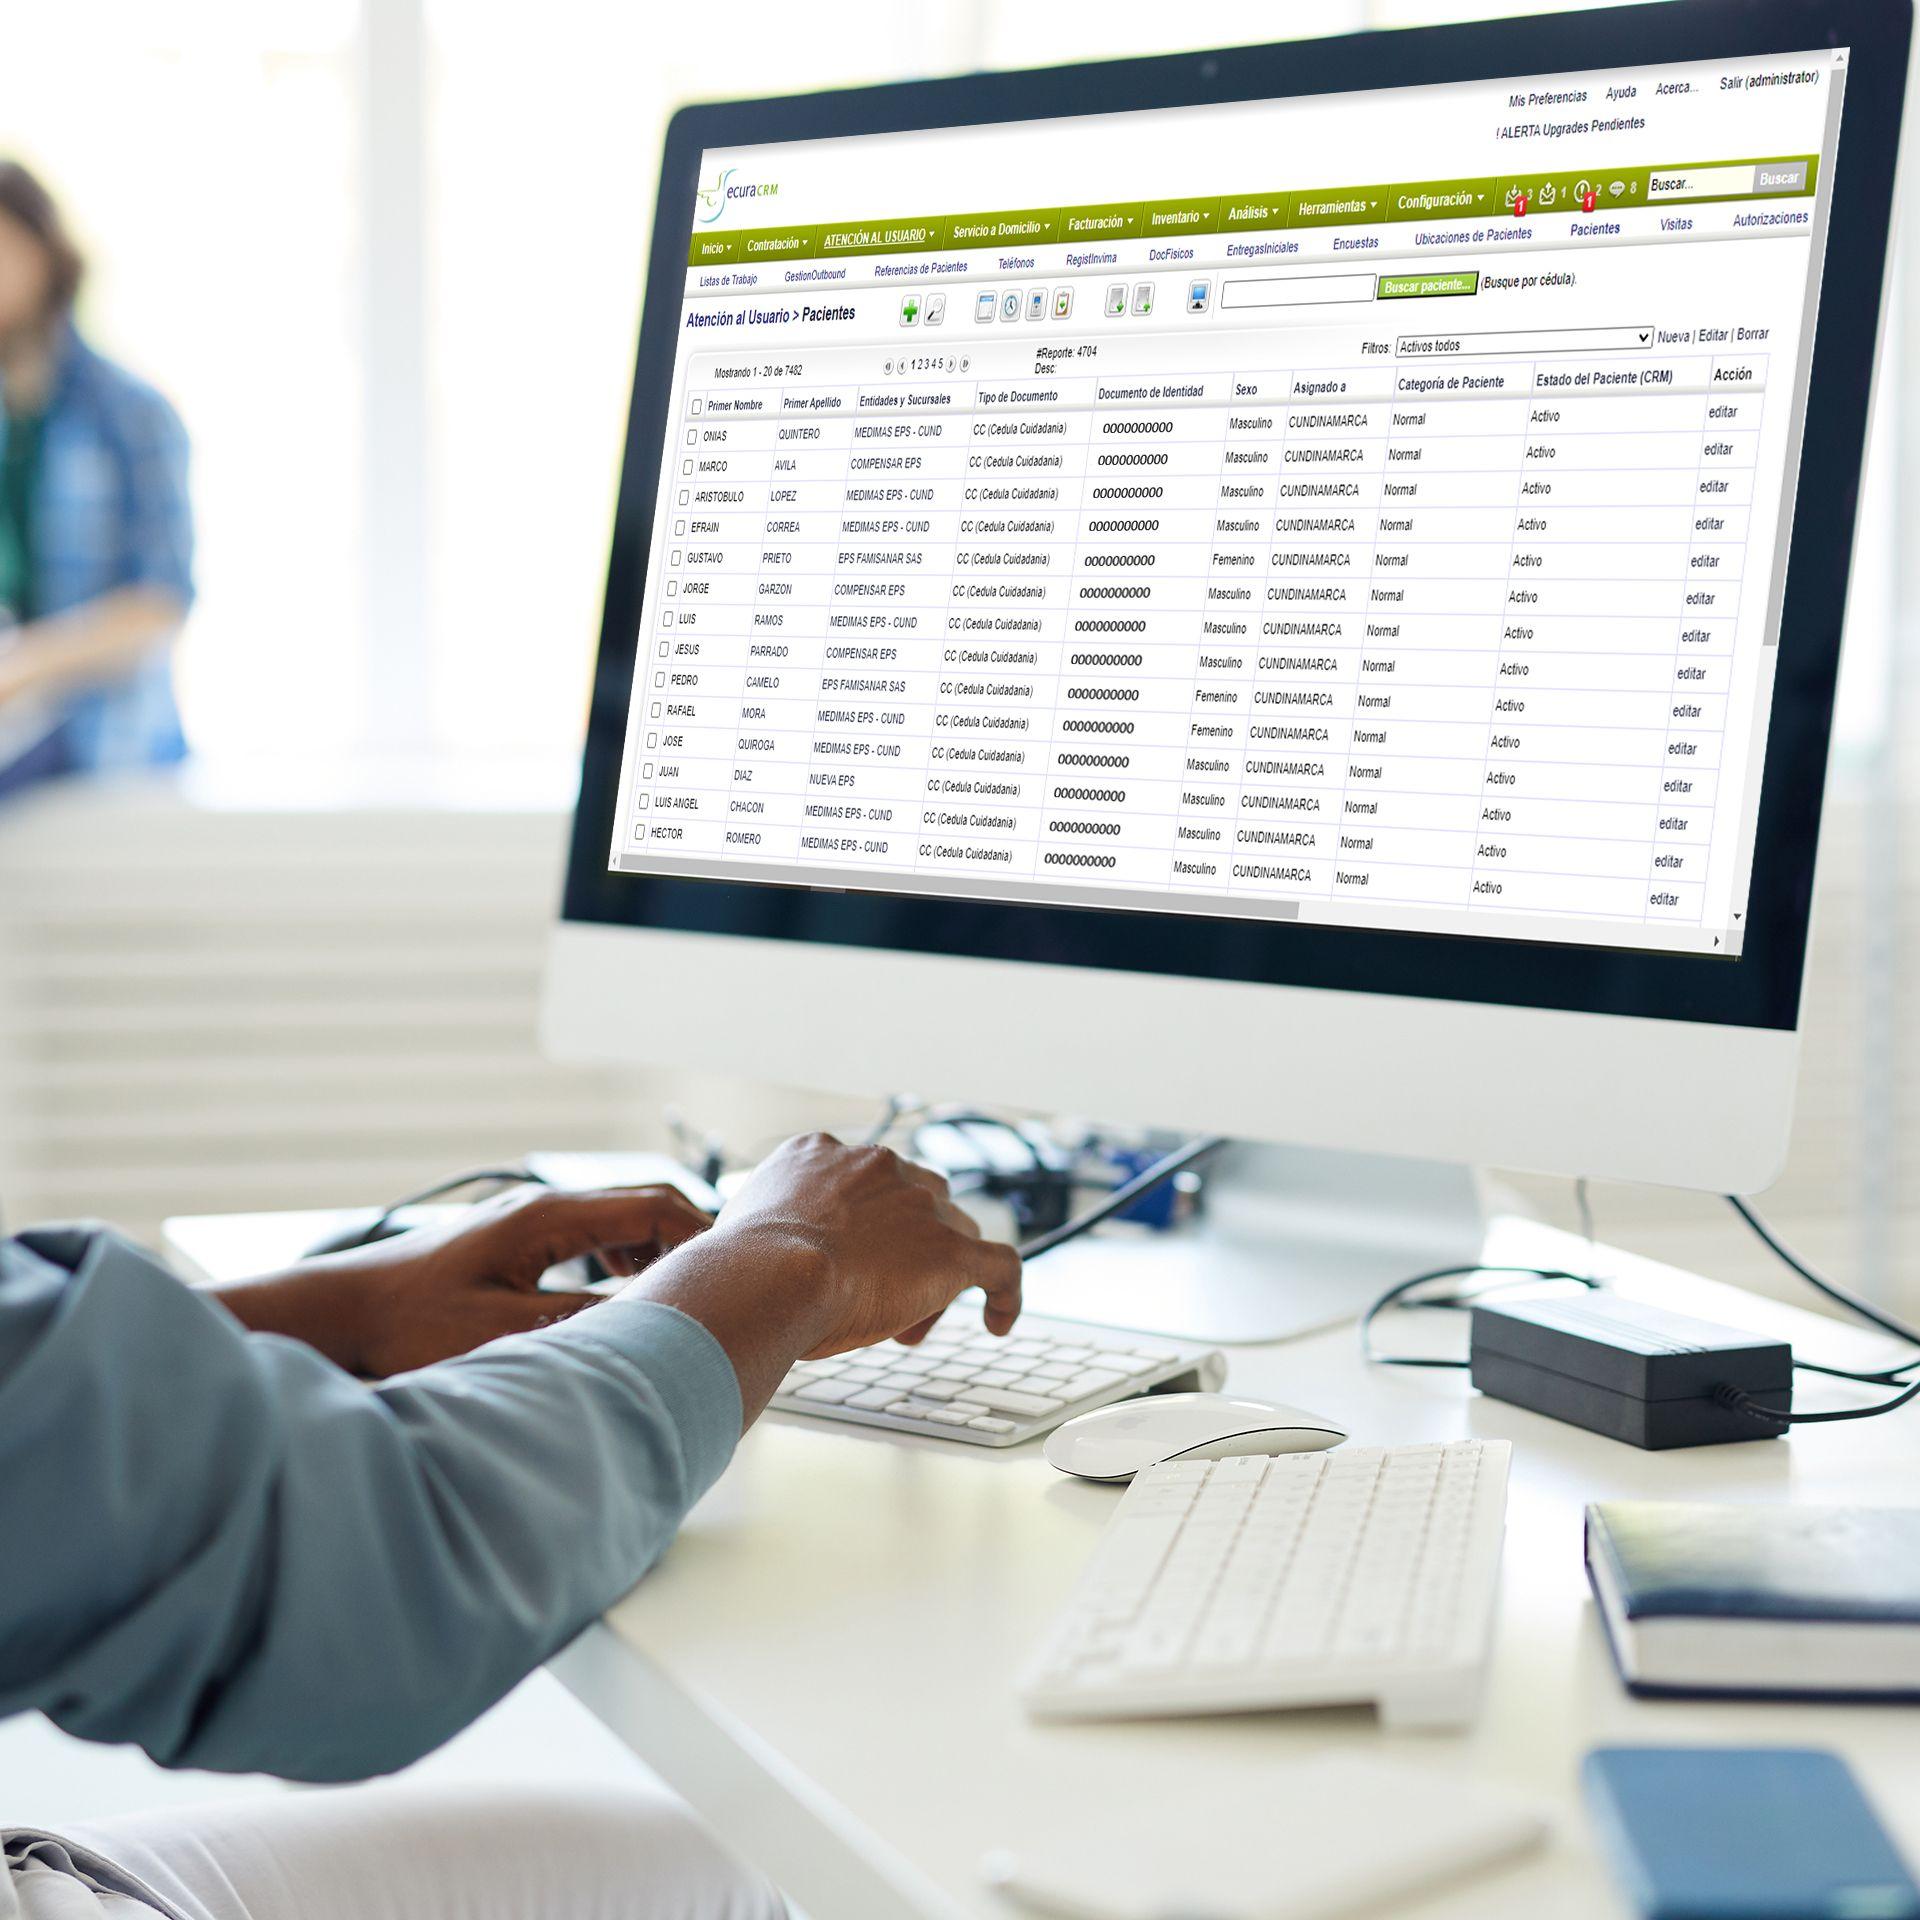 Una muestra de cómo de vería un CRM en una pantalla de escritorio